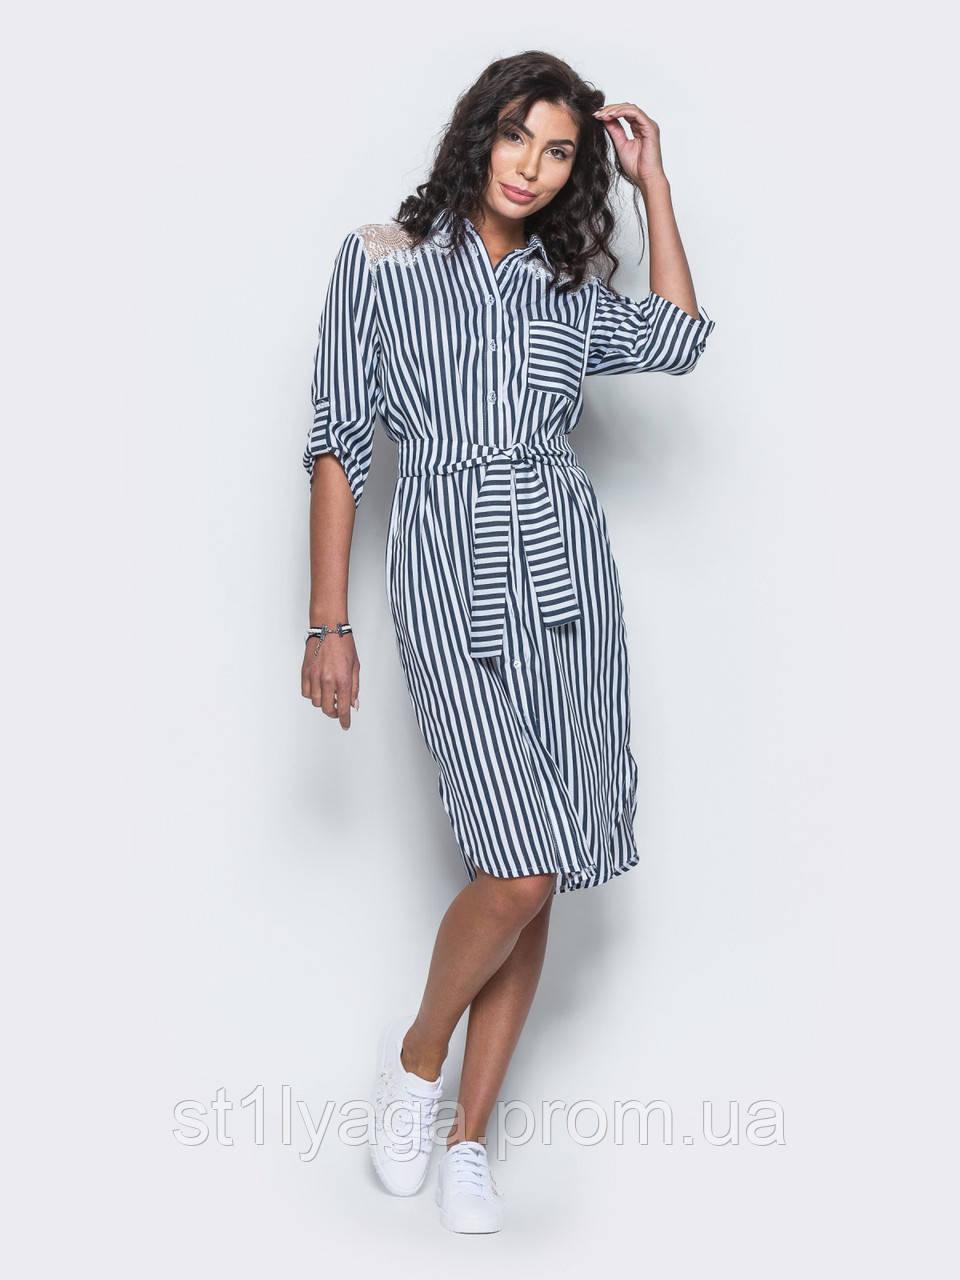 d82a113e8d57 Полосатое платье с кружевом на плечах и рукавами три четверти ...